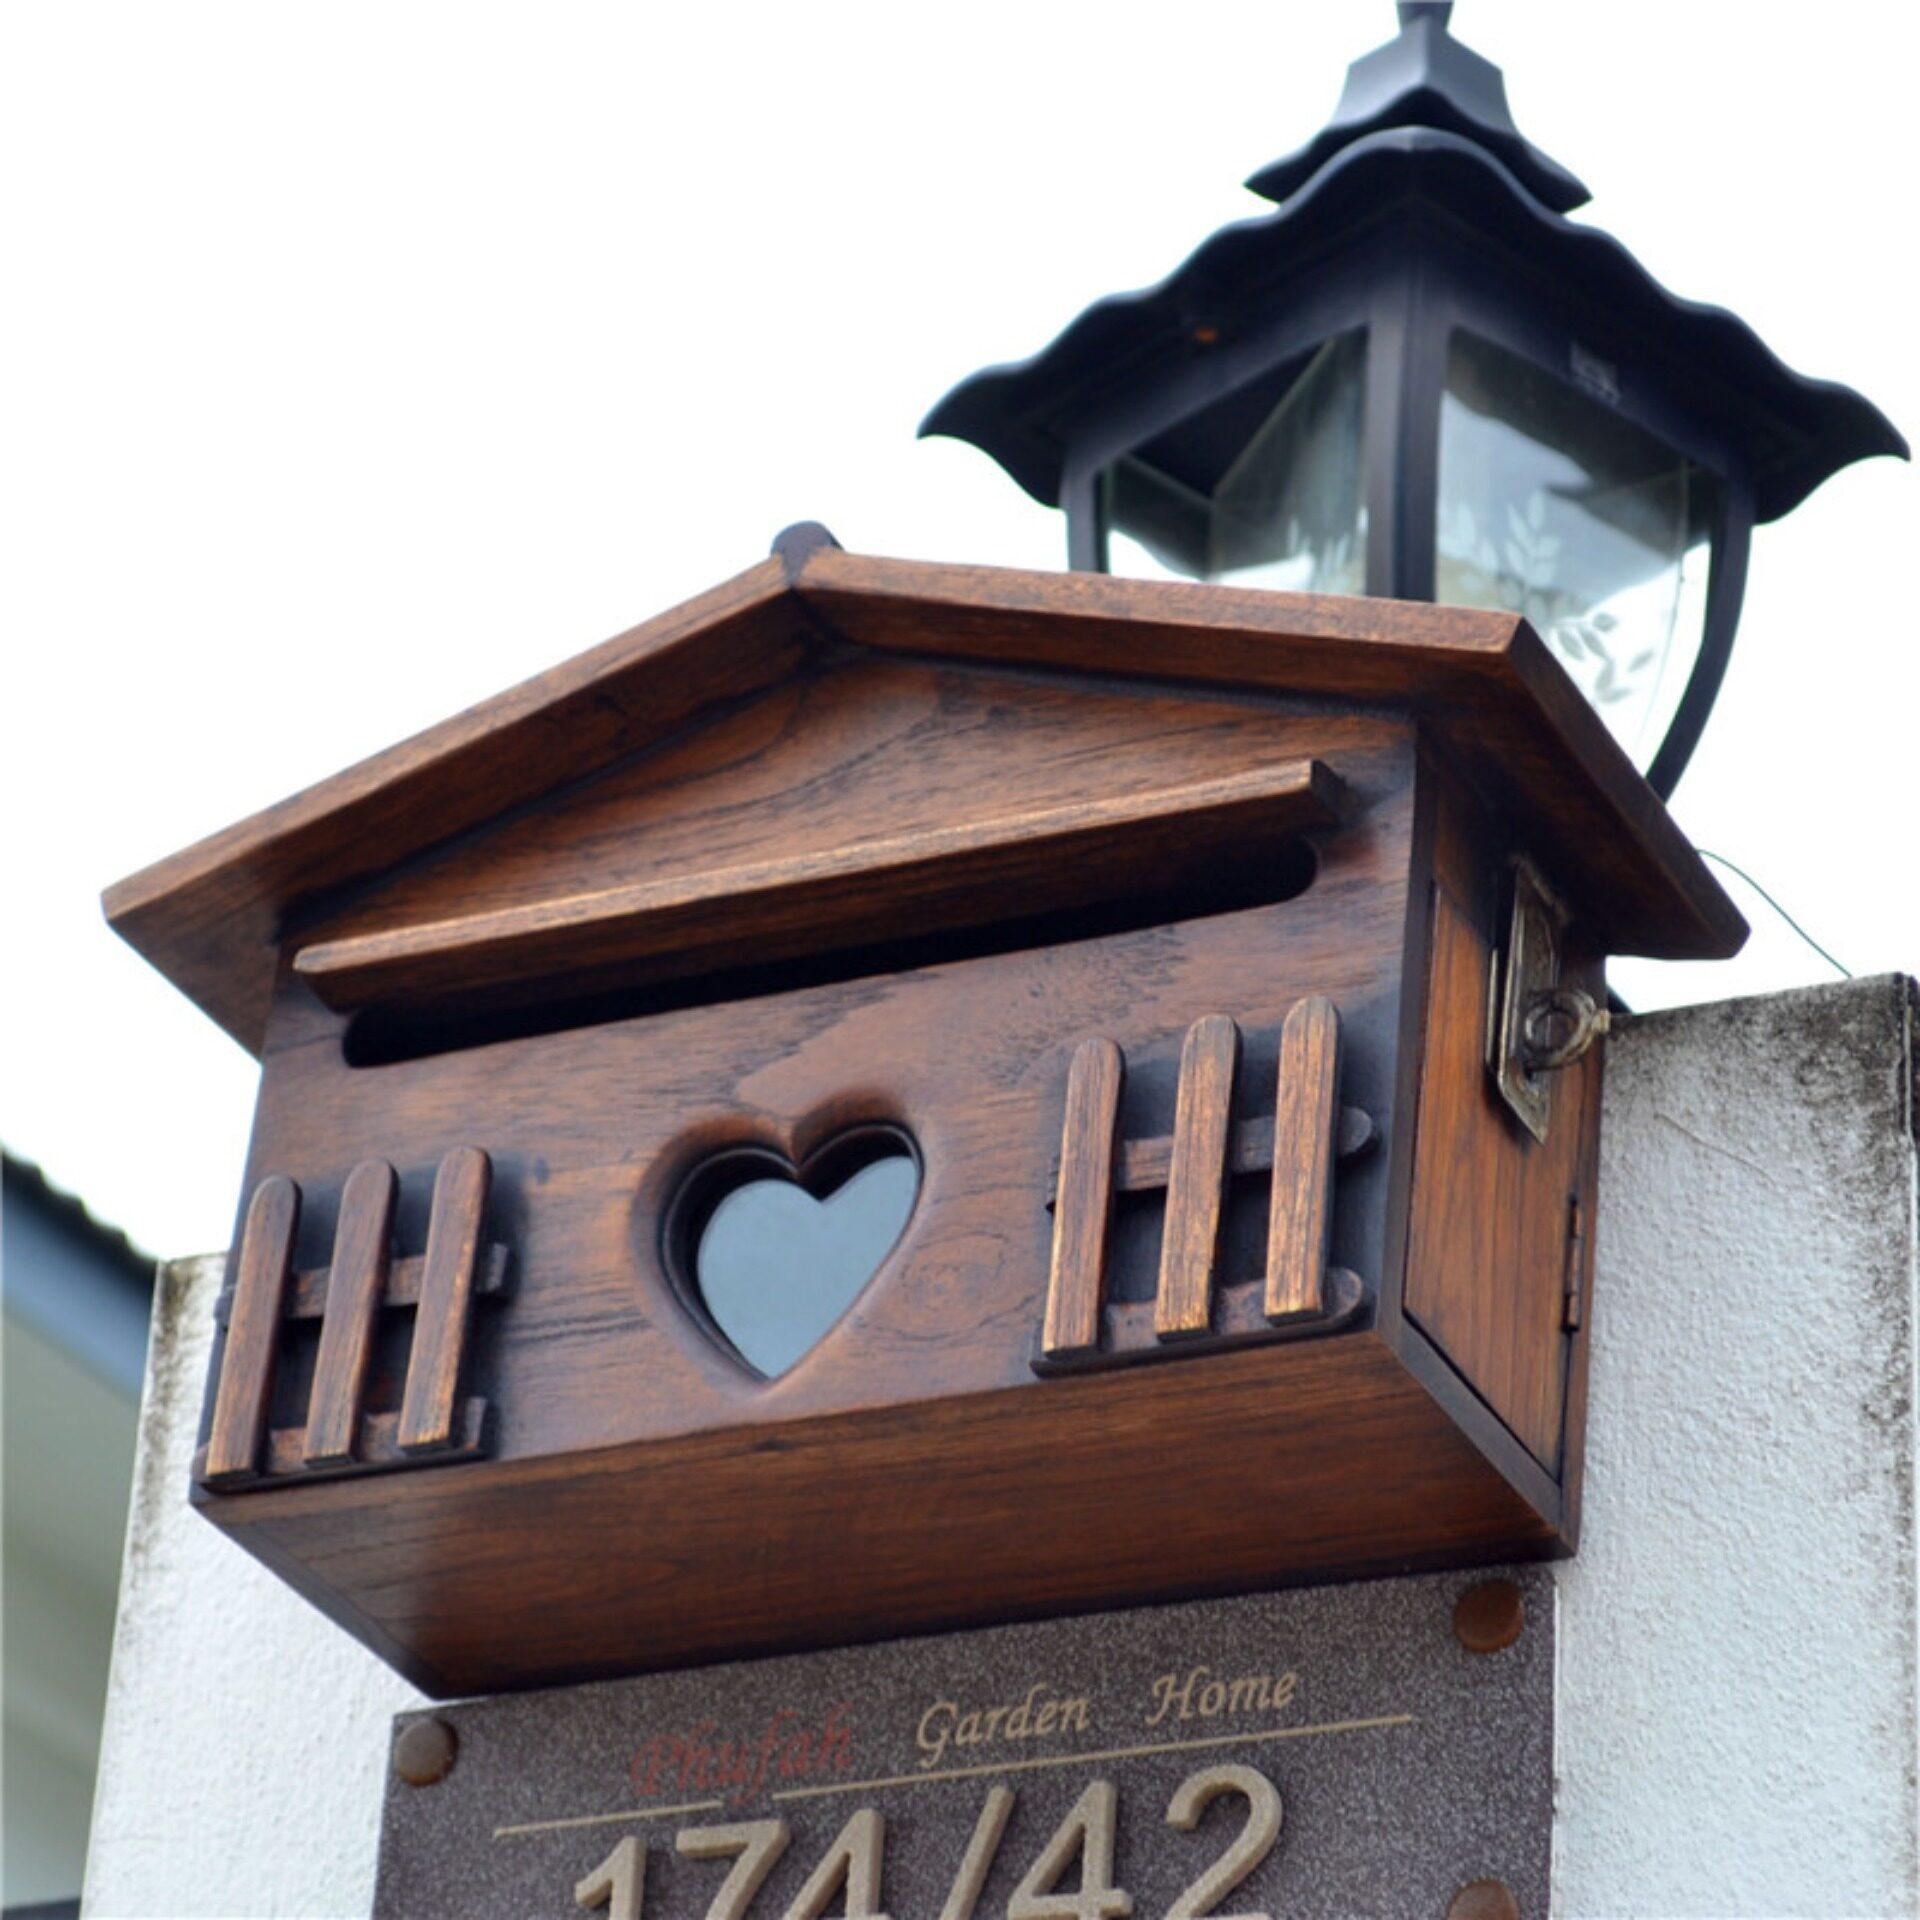 ตู้จดหมาย ตู้จดหมายไม้สัก ตู้จดหมายขนาด S ขนาด กว้าง 32 เซนติเมตร, ลึก 12 เซนติเมตร, สูง 18 เซนติเมตร (post Box).